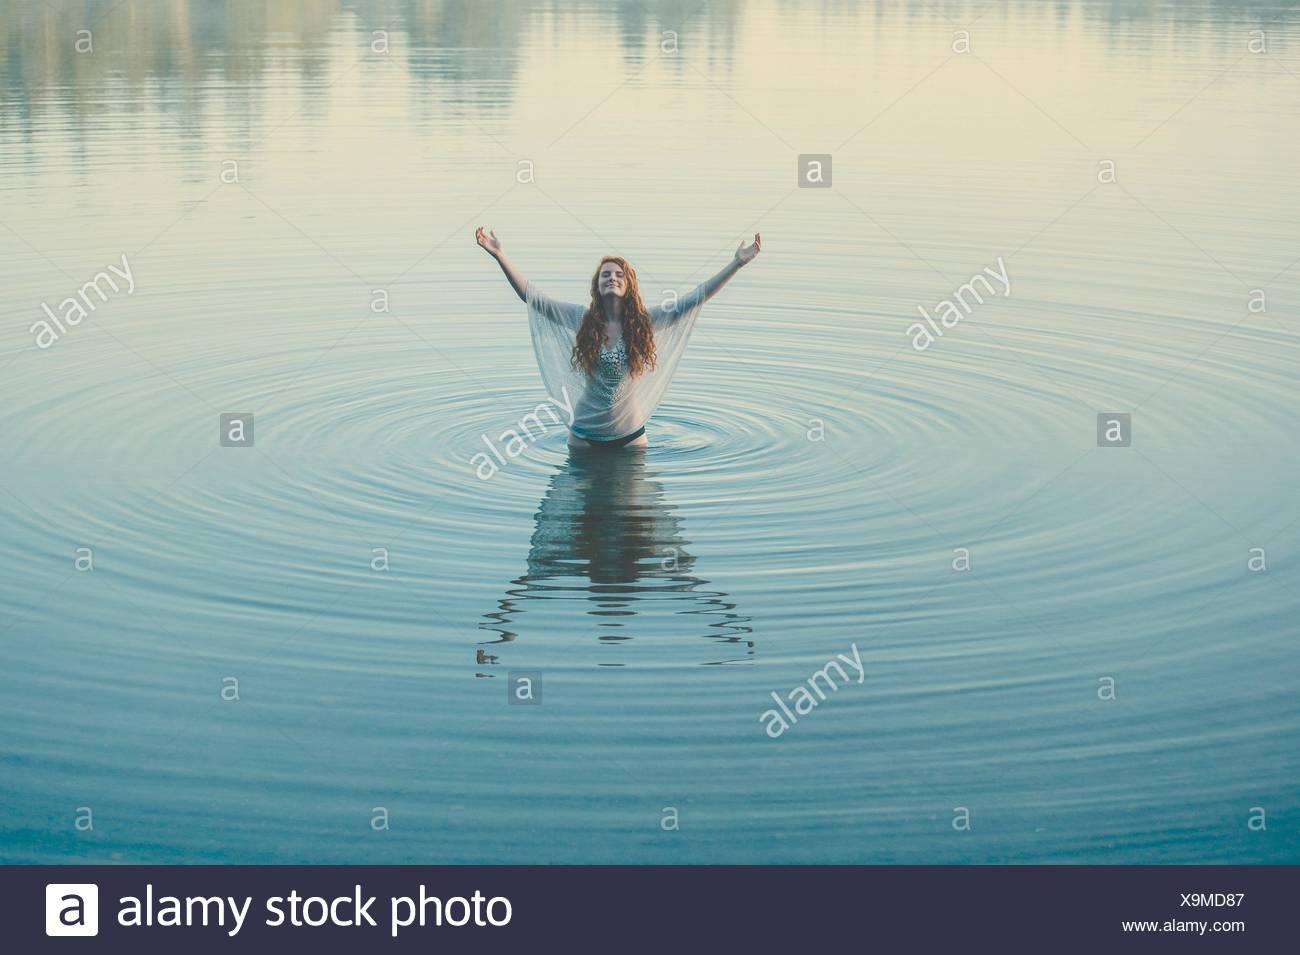 Junge Frau in der Mitte des Sees kräuselt sich mit offenen Armen Stockbild